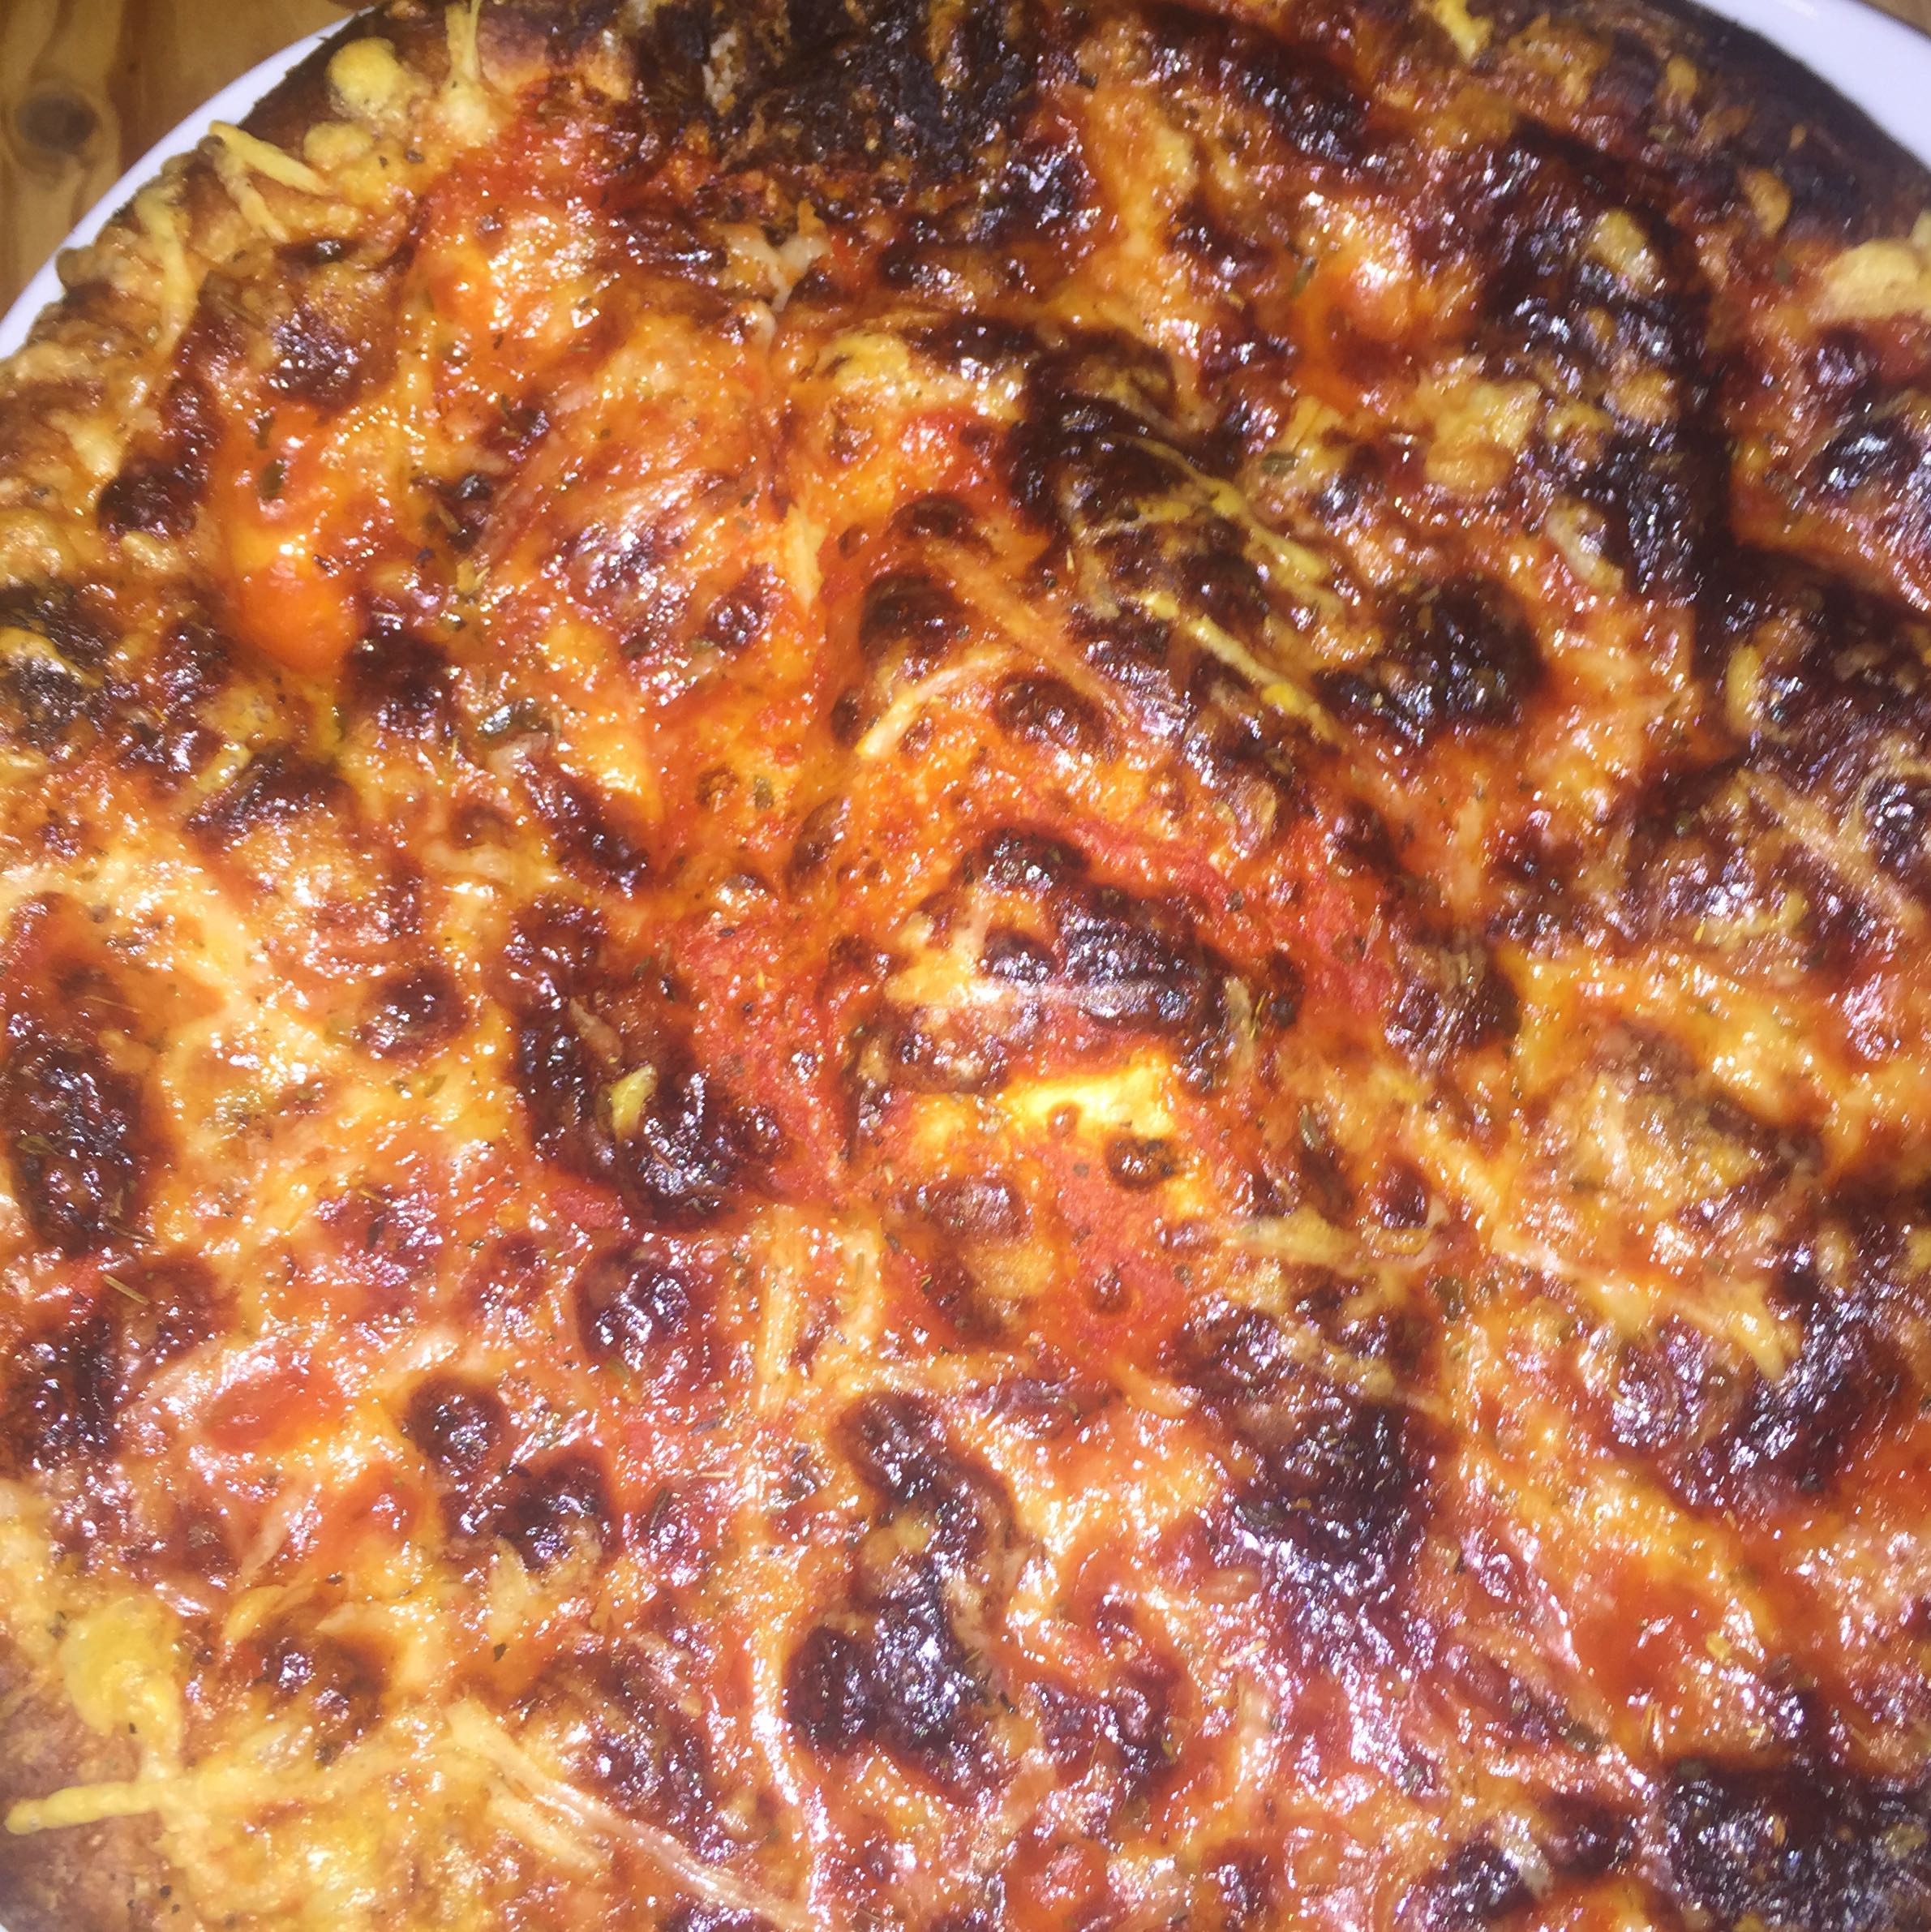 Pizza leicht angebrannt